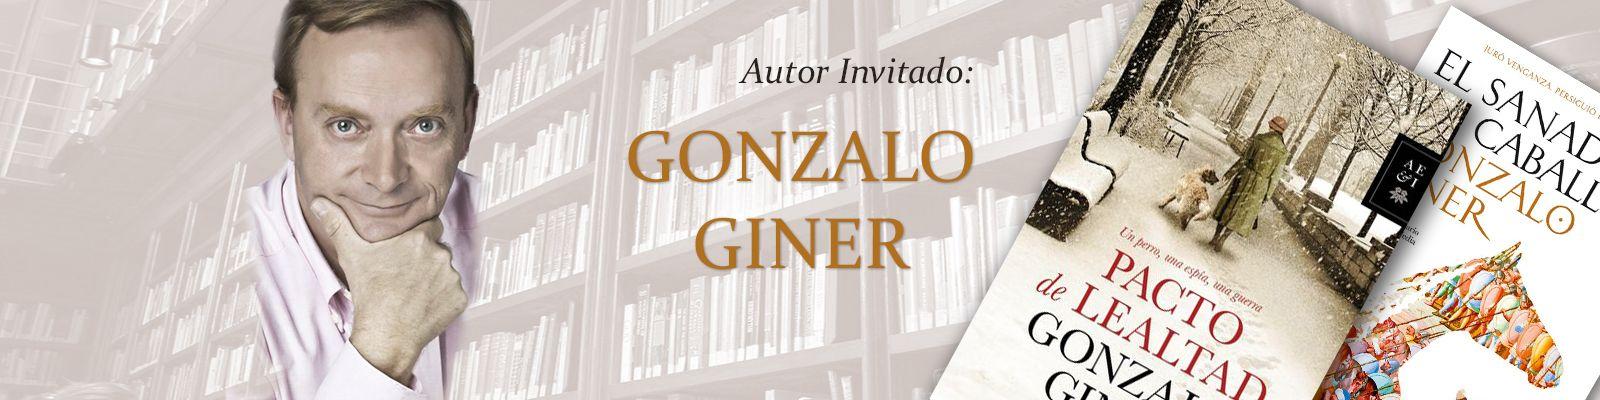 Gonzalo Giner, Autor invitado.